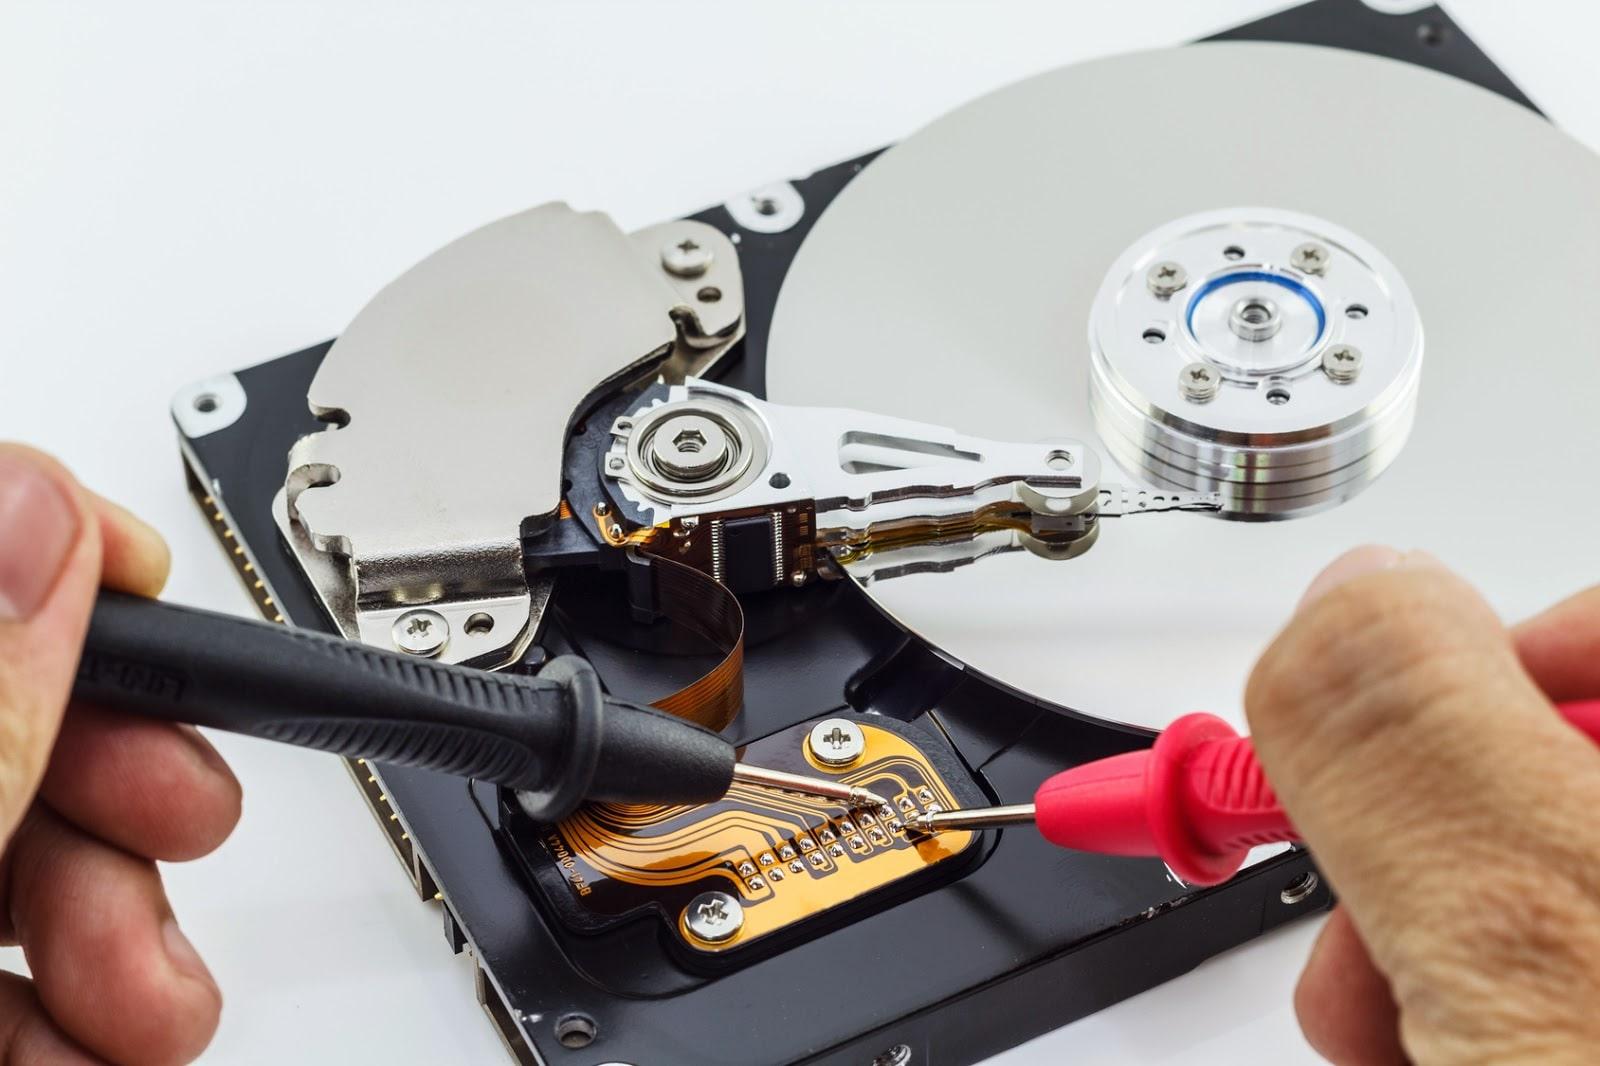 Что делать, если чтение жесткого диска не определяется ноутбуком